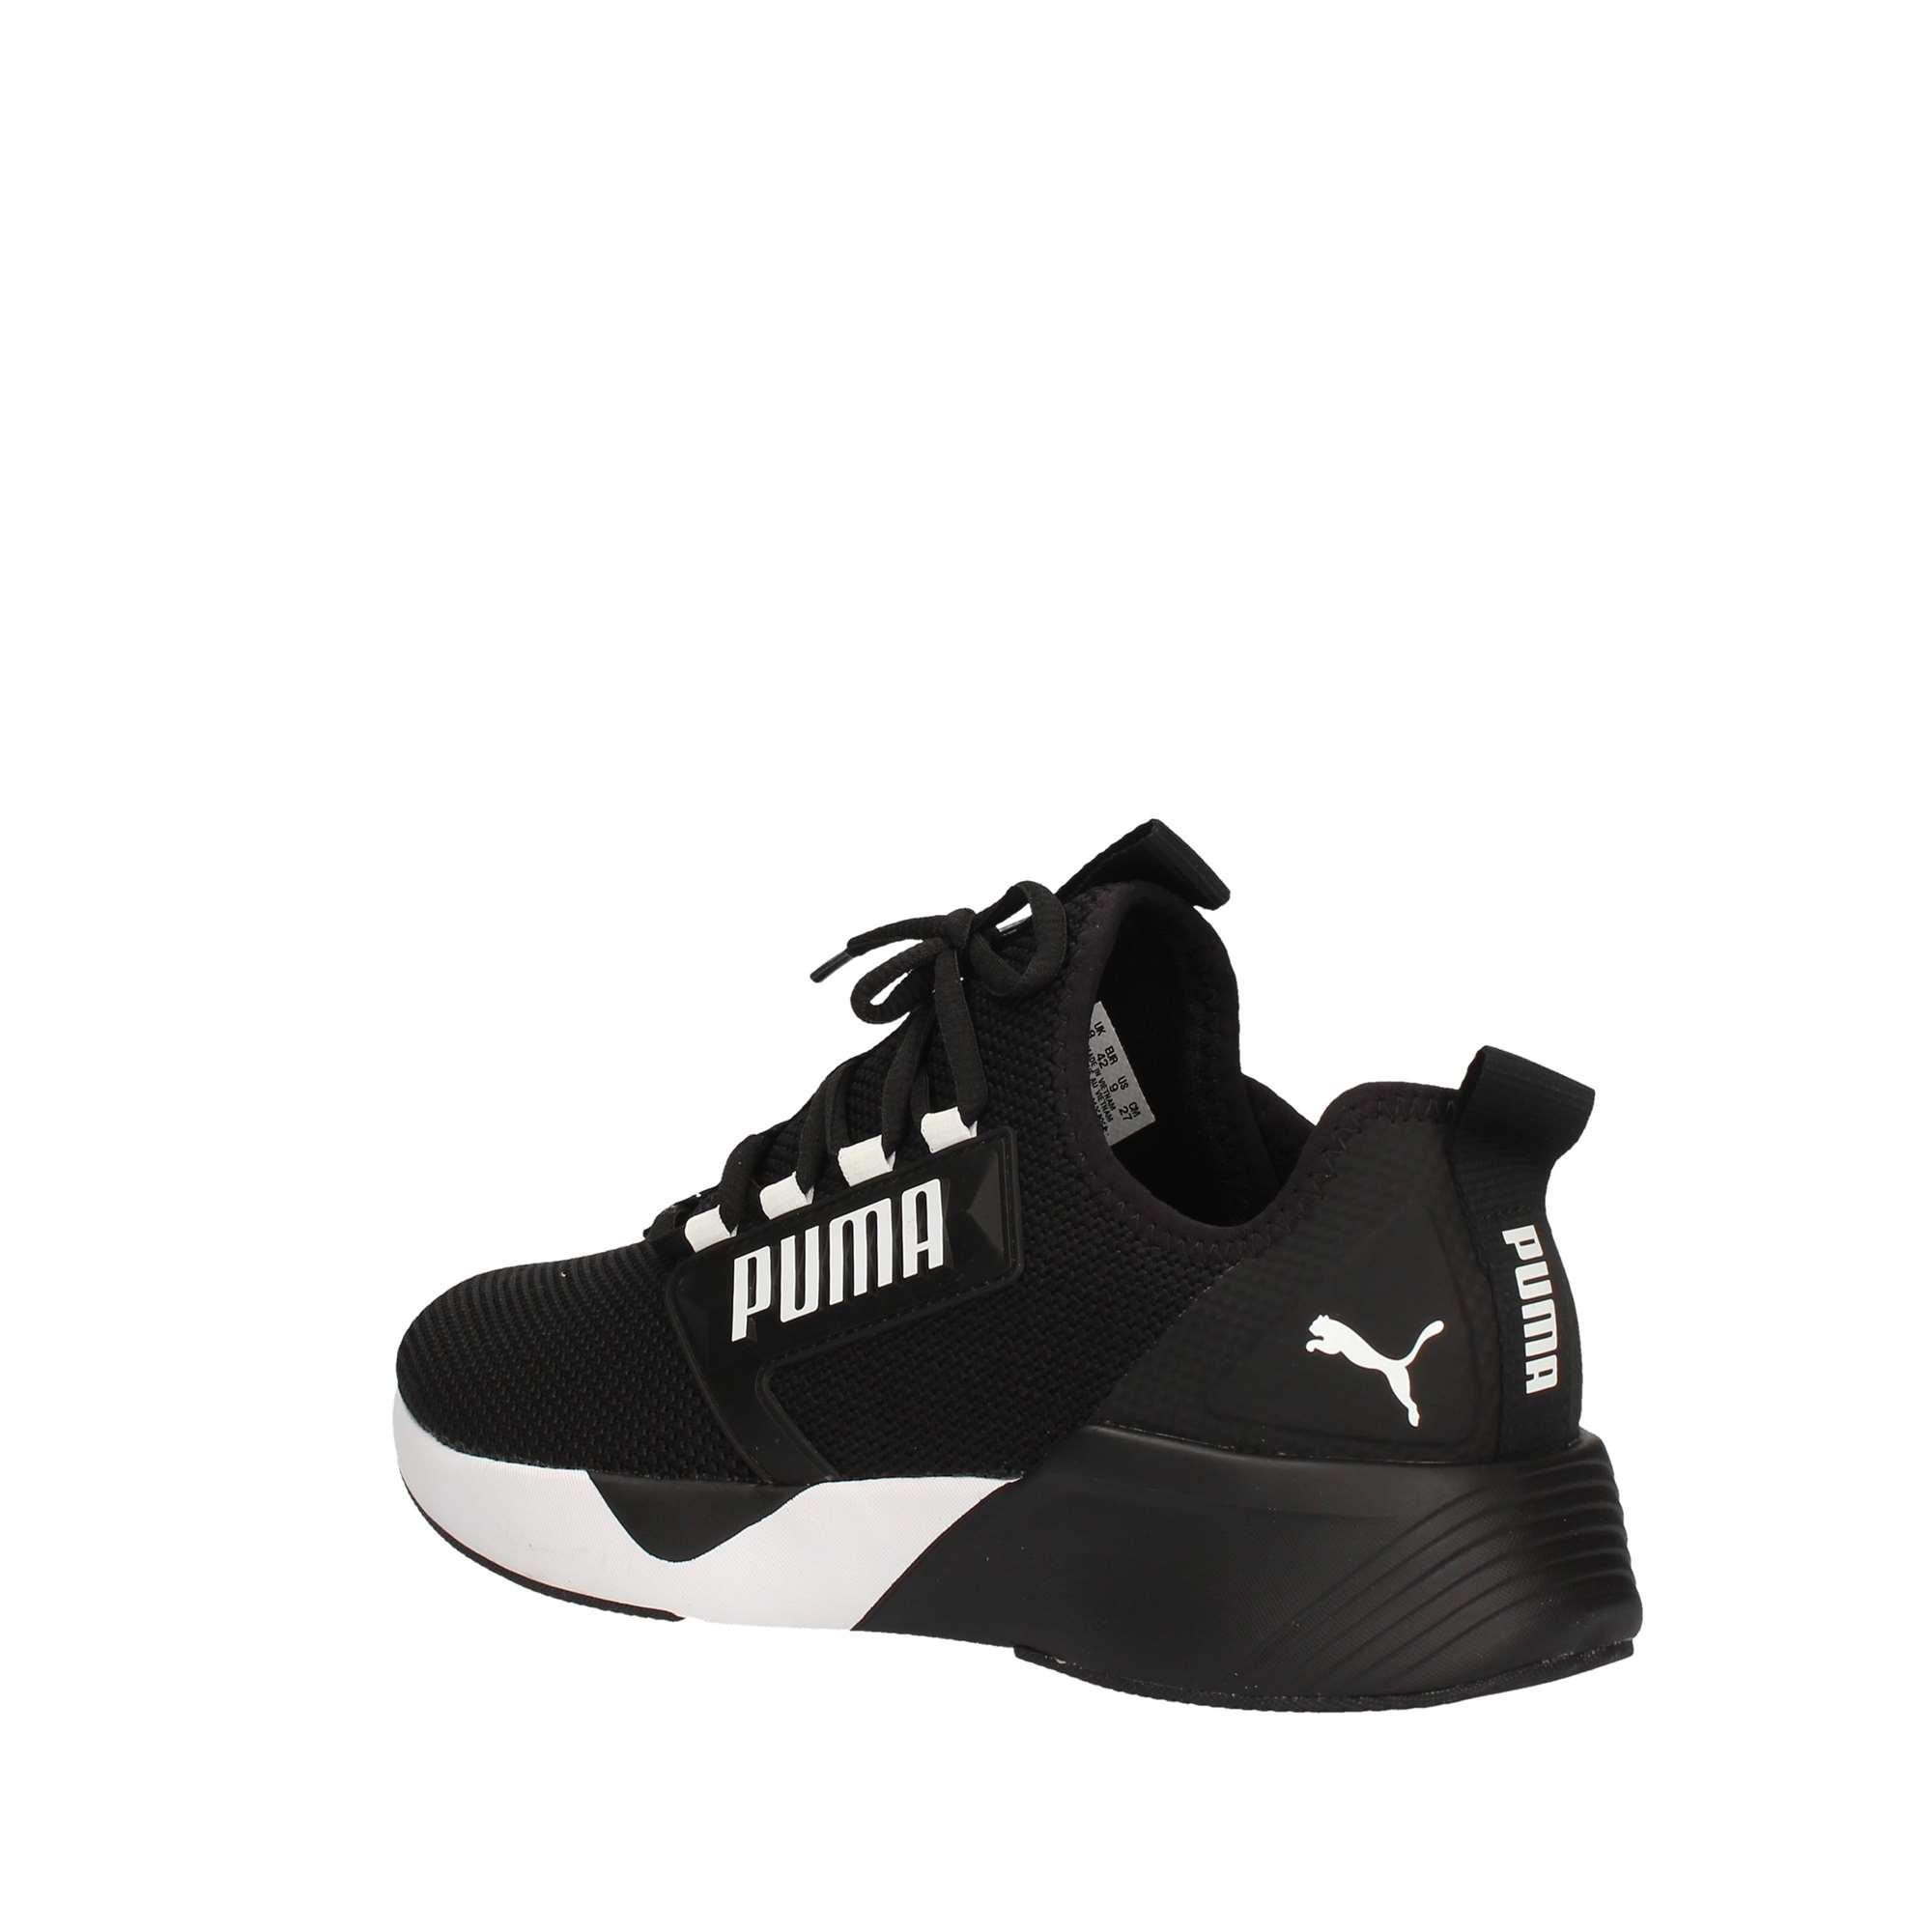 Estate Primavera 01 192340 Uomo Puma Nero Sneakers Scarpe O0nBfn